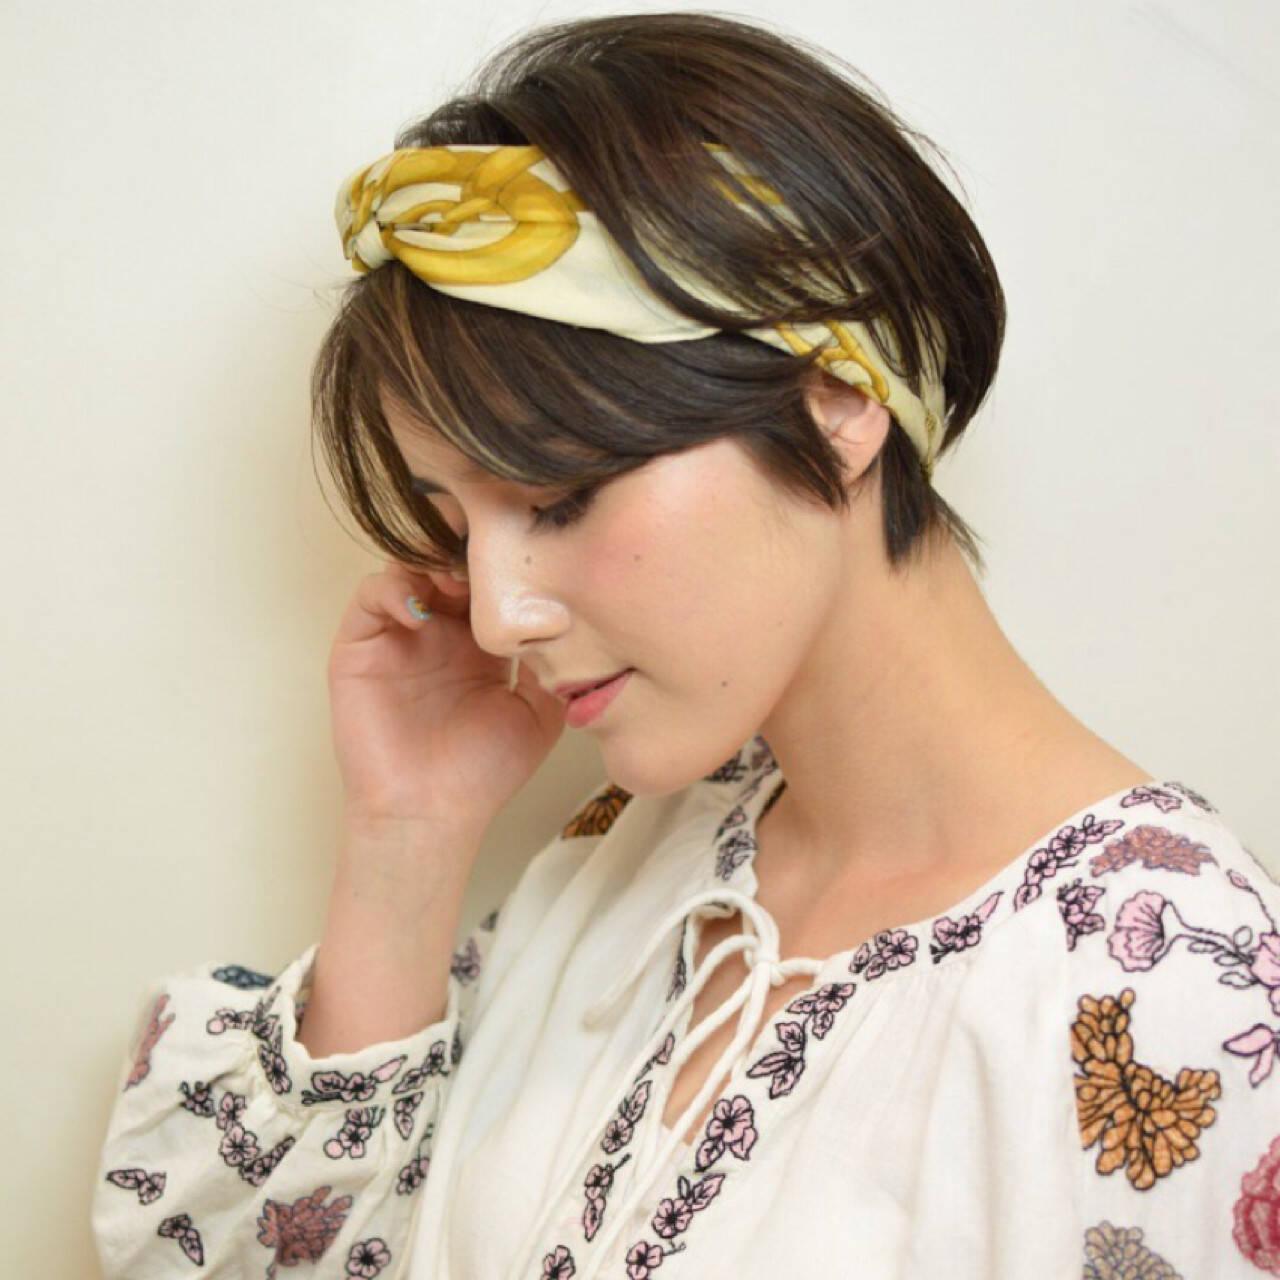 ヘアアレンジ ショート ヘアアクセ 簡単ヘアアレンジヘアスタイルや髪型の写真・画像